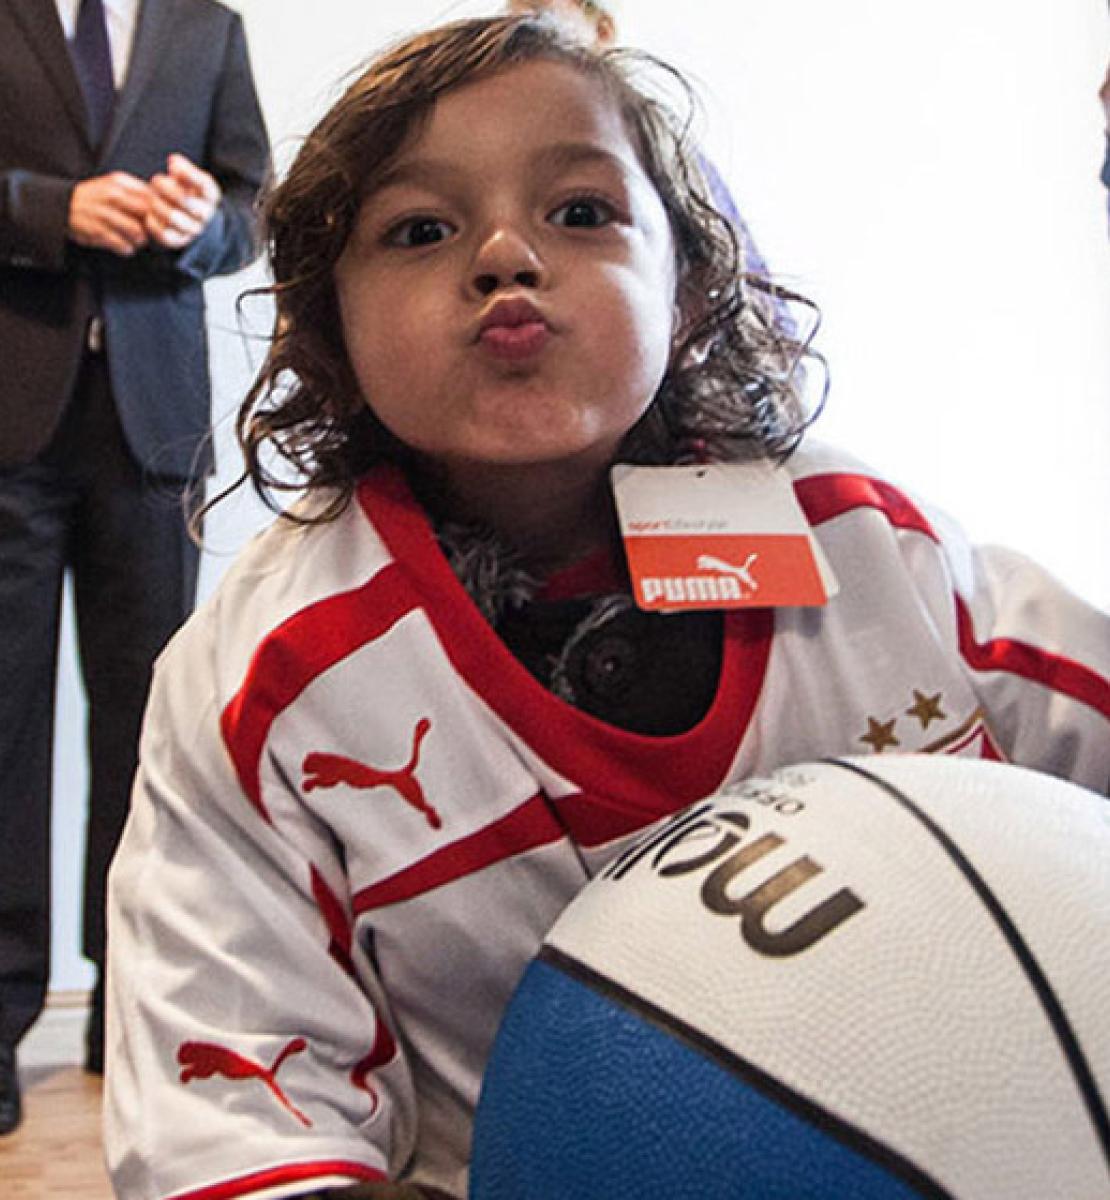 Un niño vestido con un chándal deportivo, sostiene una pelota de baloncesto con ambos brazos y mira a la cámara, haciendo el gesto de estar mandando un beso, con los labios fruncidos.